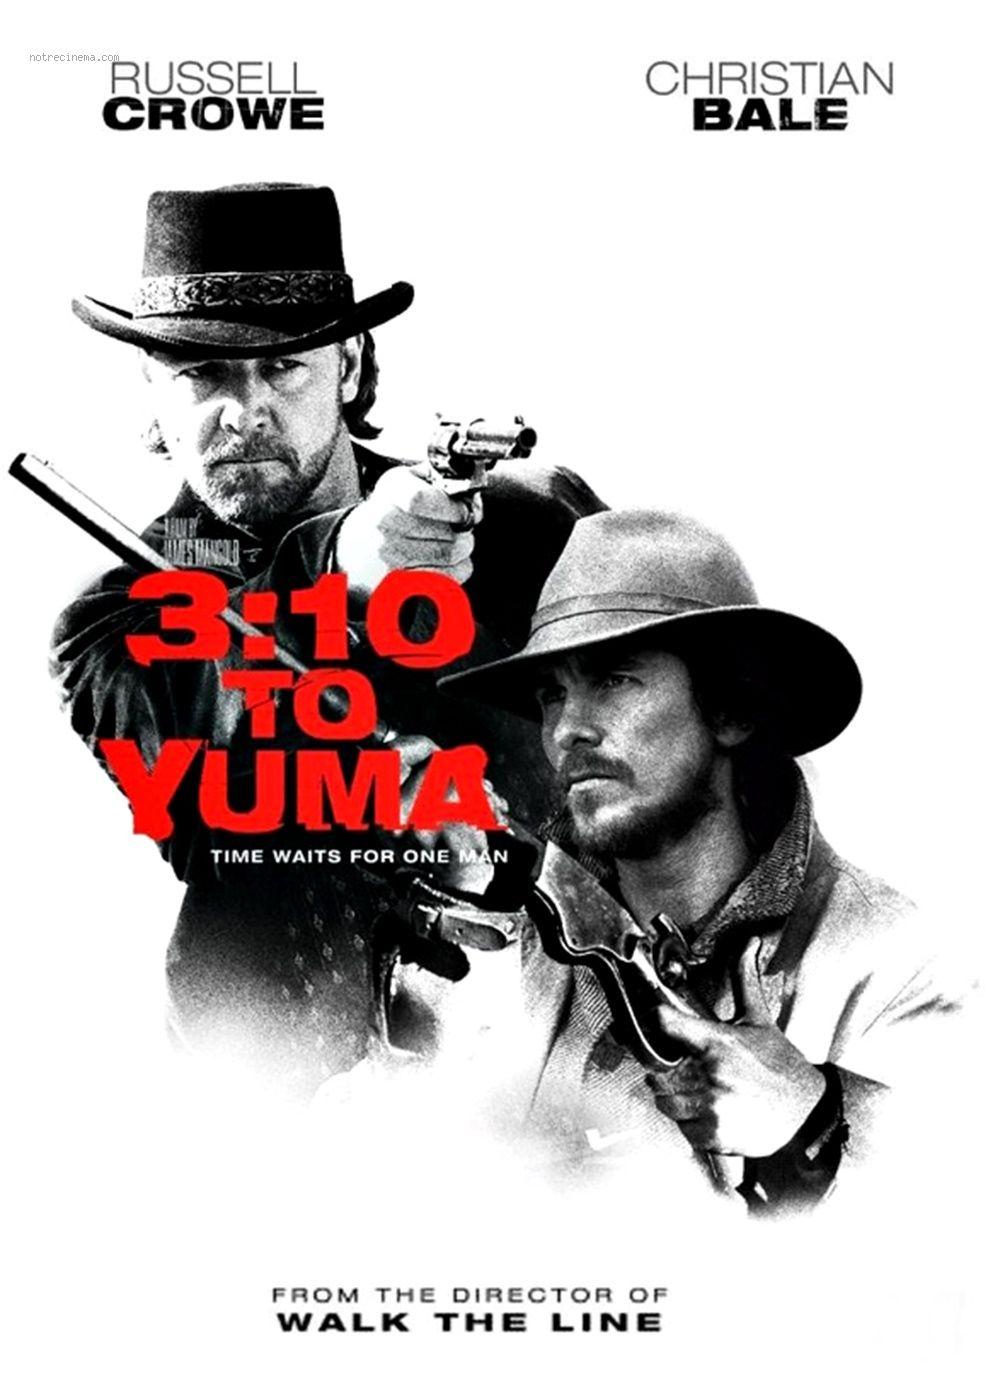 POUR YUMA TÉLÉCHARGER FILM GRATUITEMENT 3H10